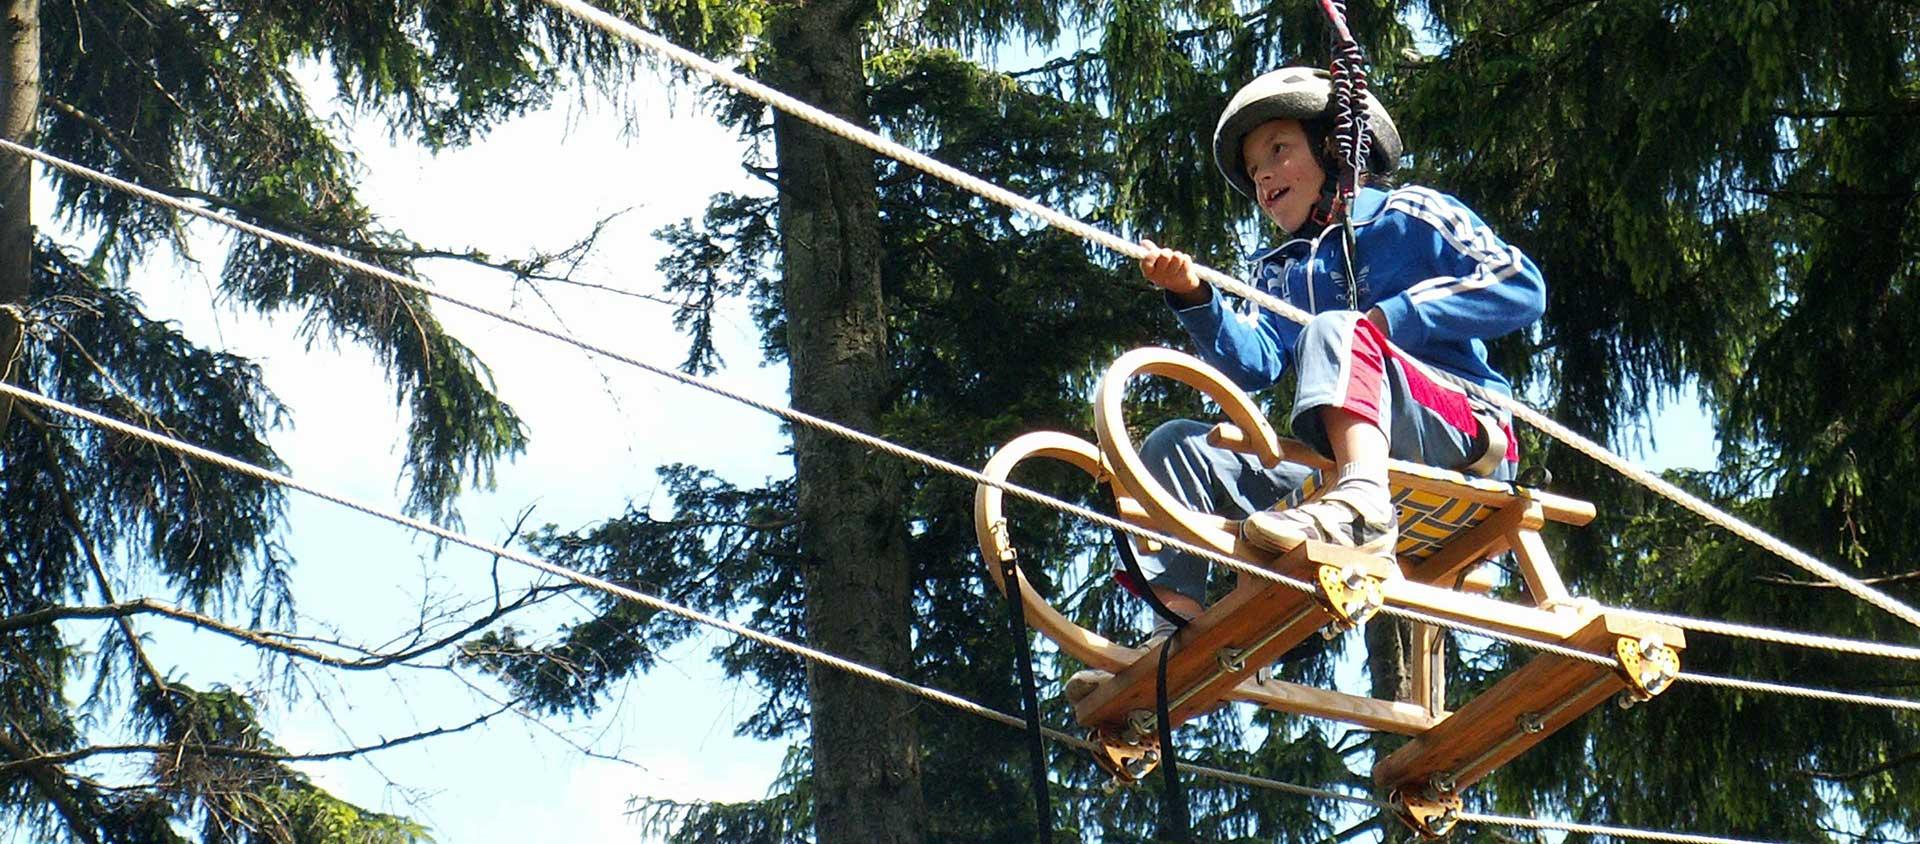 Spaß für Jung & Alt im Hochseilpark im Böhmerwald - Ramenai